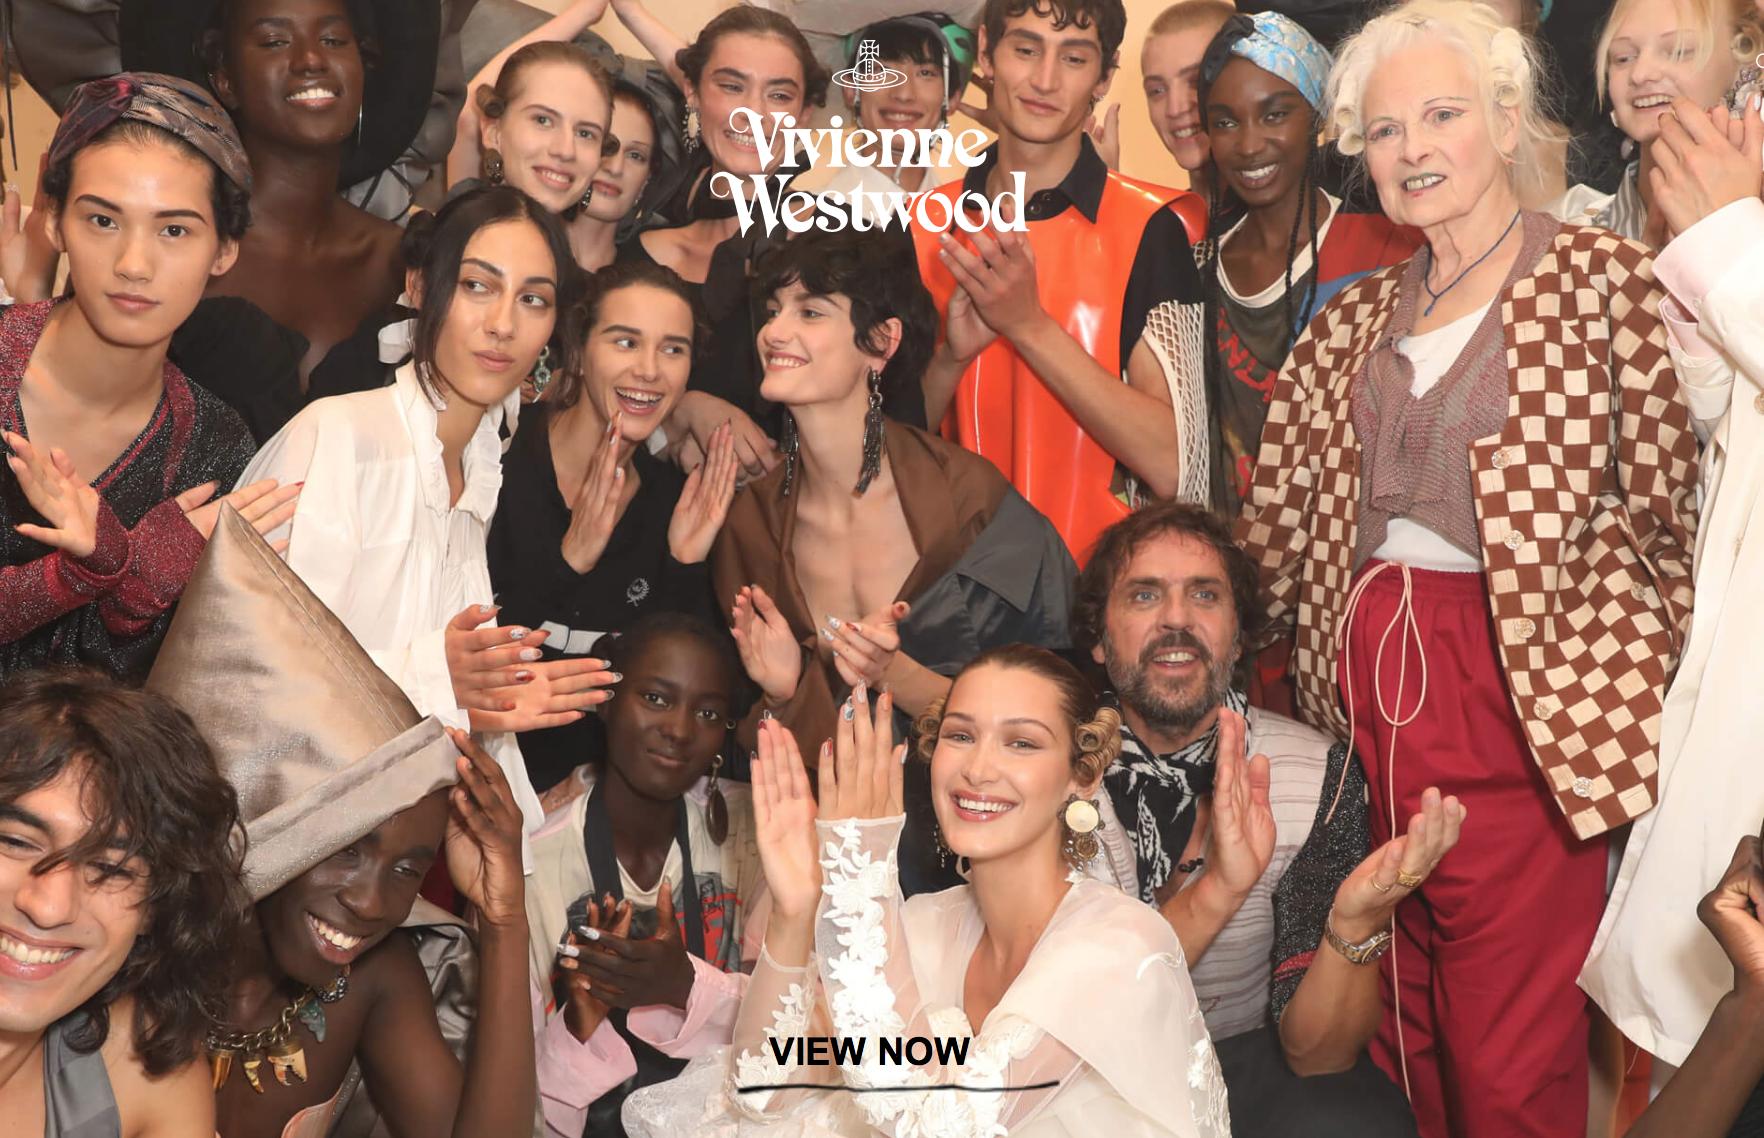 英国设计师品牌 Vivienne Westwood 2018财年由盈转亏,将精简产品线,发力中美市场